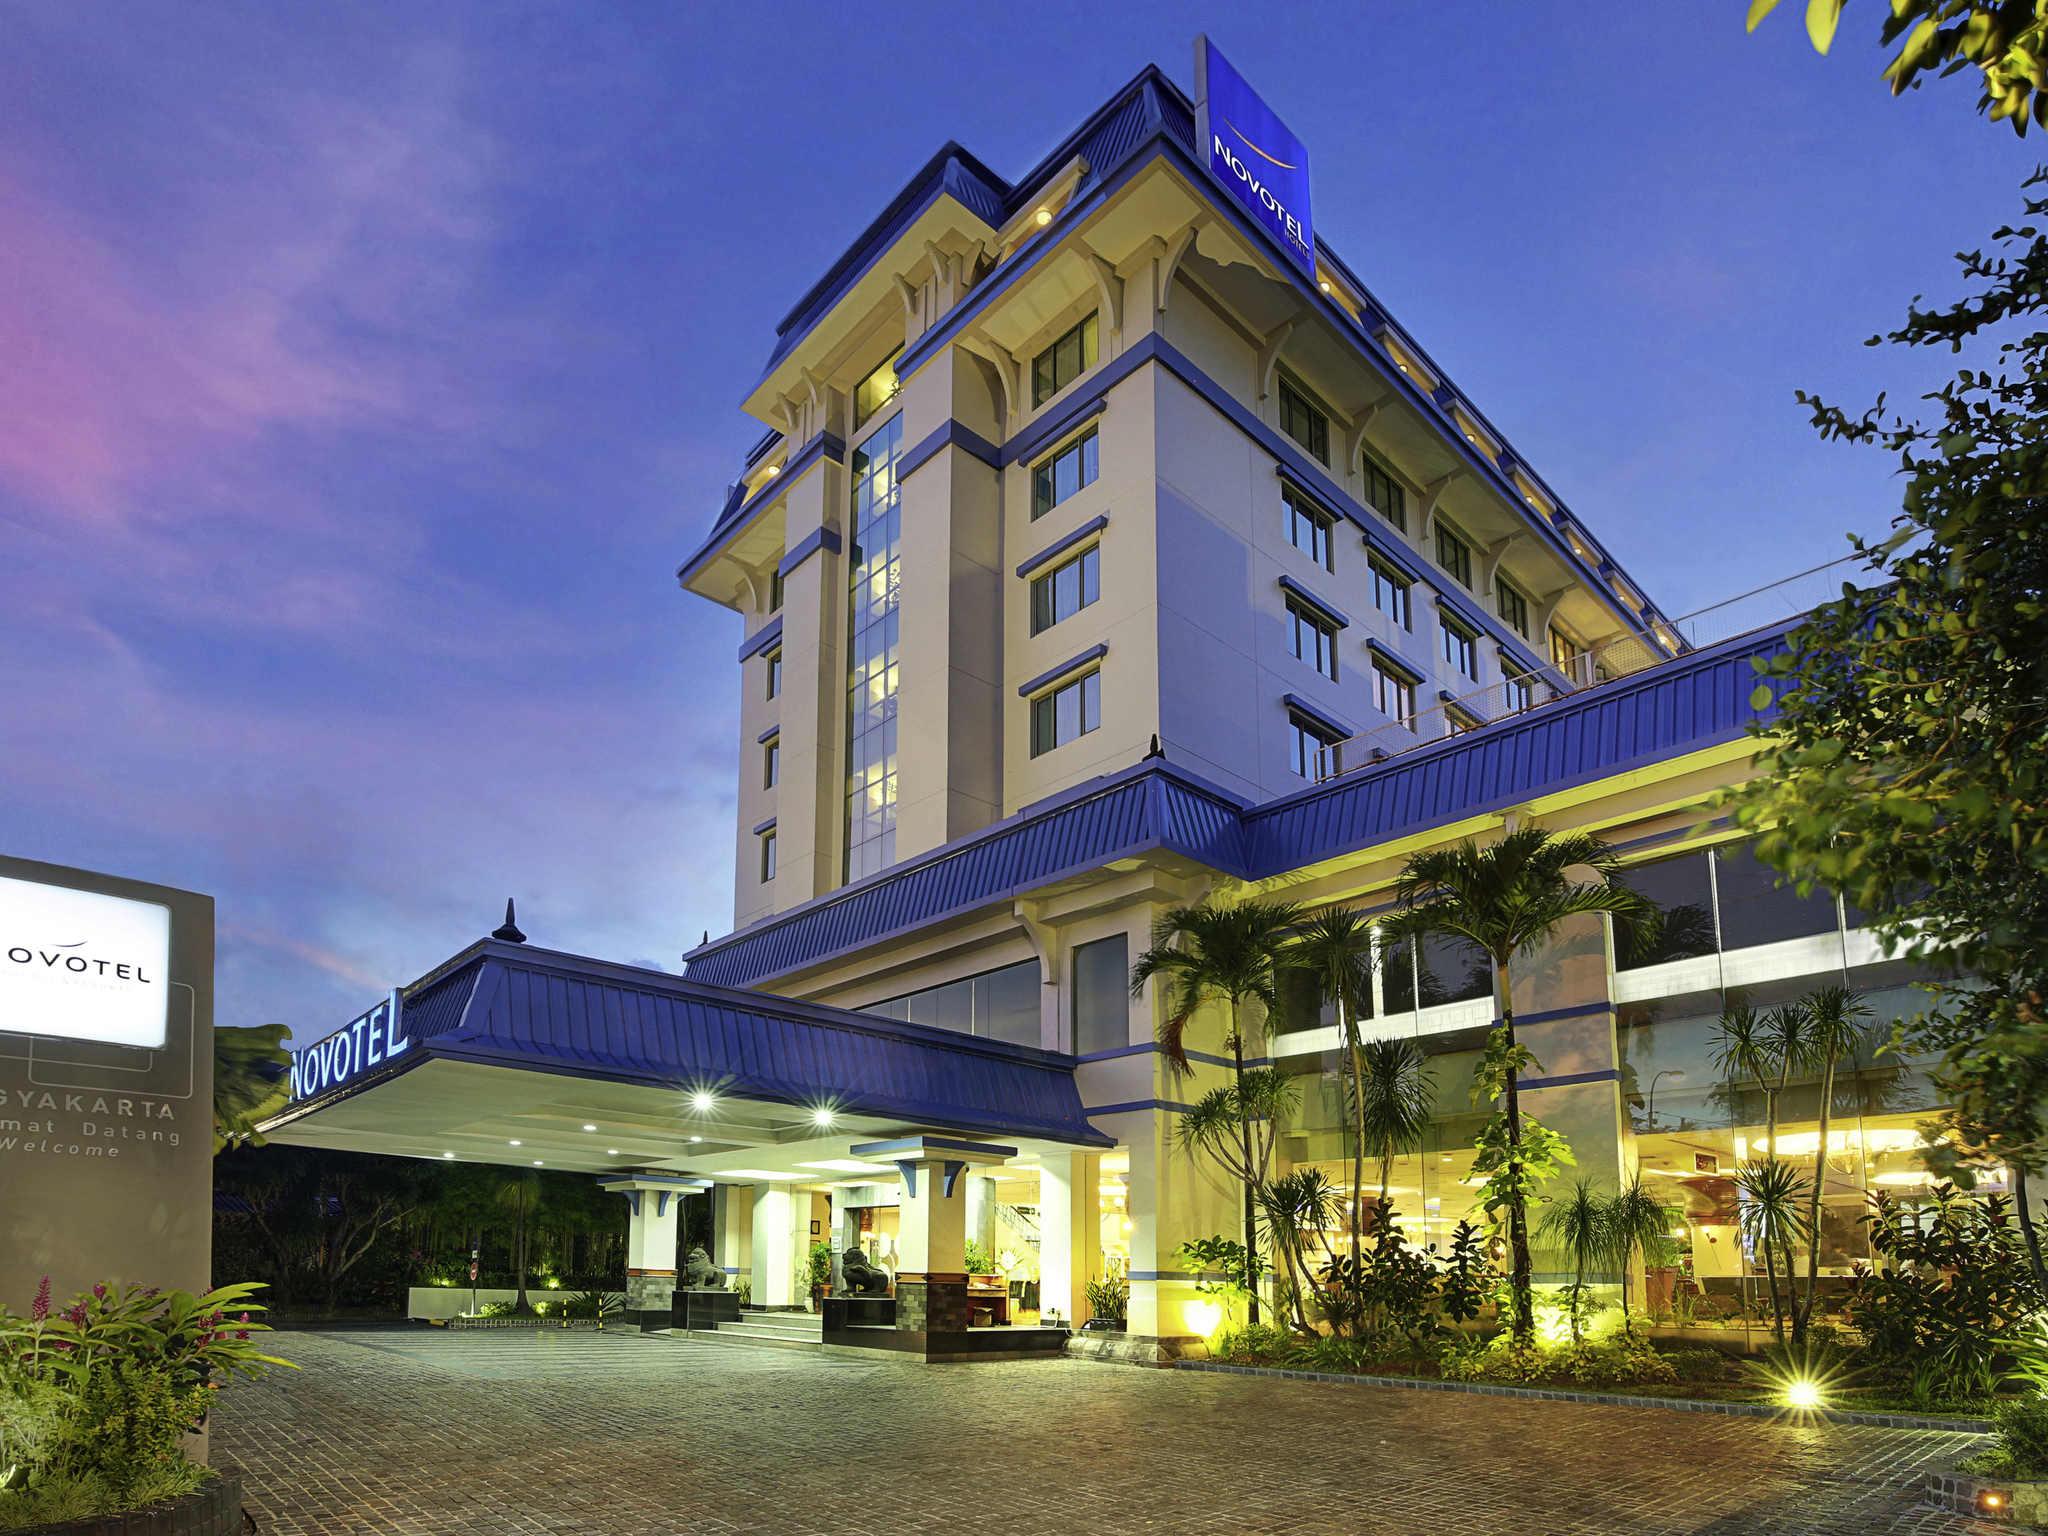 فندق - Novotel Yogyakarta